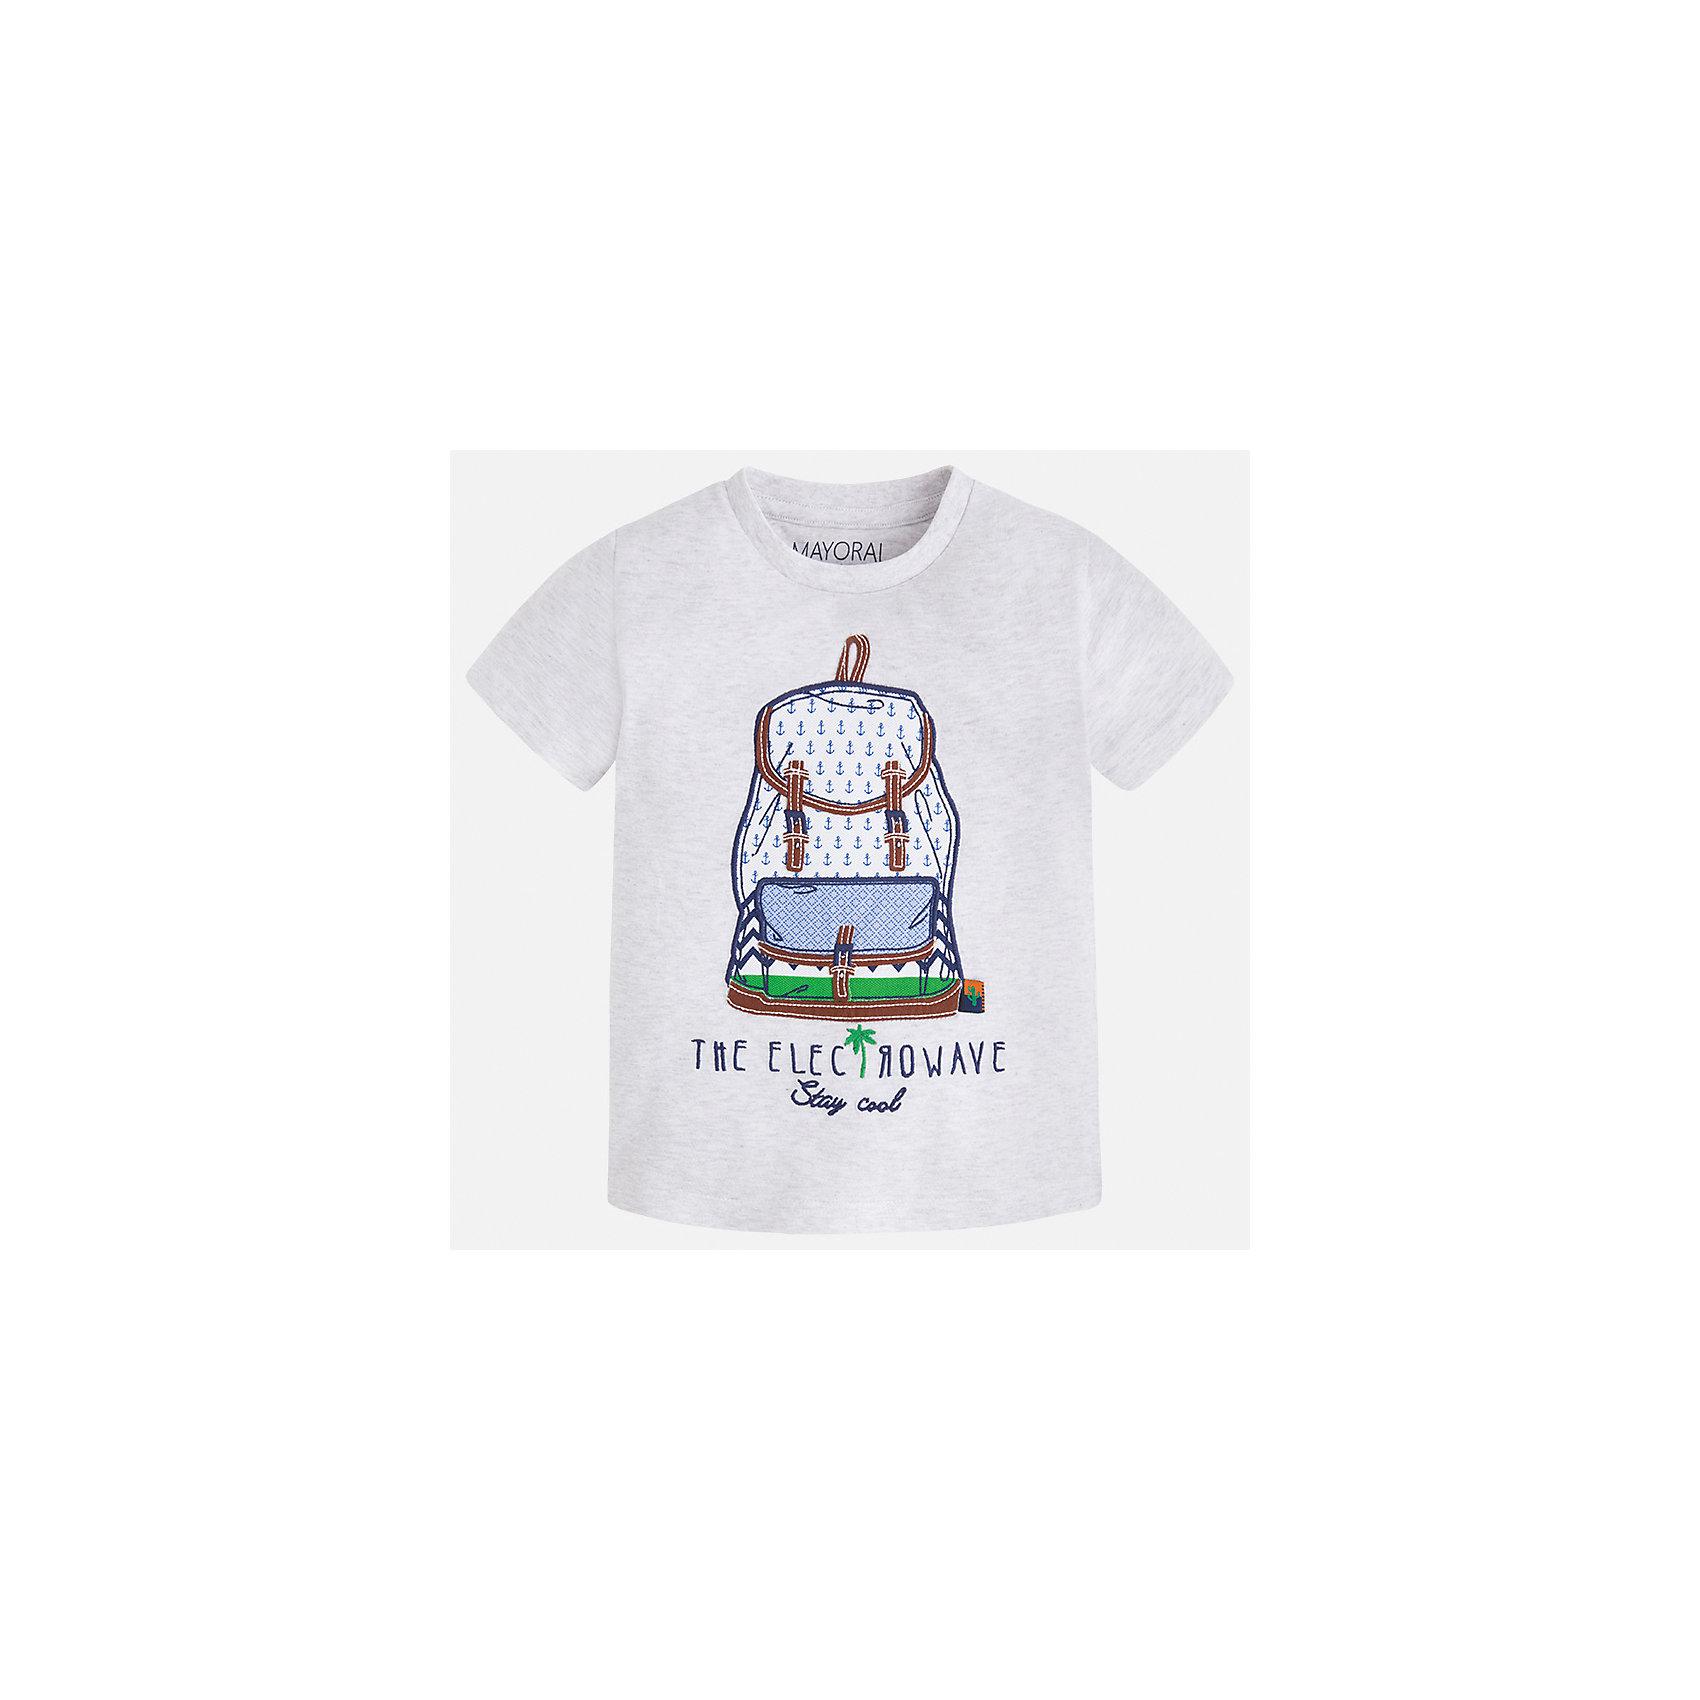 Футболка для мальчика MayoralФутболки, поло и топы<br>Характеристики товара:<br><br>• цвет: серый<br>• состав: 100% хлопок<br>• круглый горловой вырез<br>• принт впереди<br>• короткие рукава<br>• отделка горловины<br>• страна бренда: Испания<br><br>Модная удобная футболка с принтом поможет разнообразить гардероб мальчика. Она отлично сочетается с брюками, шортами, джинсами и т.д. Универсальный крой и цвет позволяет подобрать к вещи низ разных расцветок. Практичное и стильное изделие! В составе материала - только натуральный хлопок, гипоаллергенный, приятный на ощупь, дышащий.<br><br>Одежда, обувь и аксессуары от испанского бренда Mayoral полюбились детям и взрослым по всему миру. Модели этой марки - стильные и удобные. Для их производства используются только безопасные, качественные материалы и фурнитура. Порадуйте ребенка модными и красивыми вещами от Mayoral! <br><br>Футболку для мальчика от испанского бренда Mayoral (Майорал) можно купить в нашем интернет-магазине.<br><br>Ширина мм: 199<br>Глубина мм: 10<br>Высота мм: 161<br>Вес г: 151<br>Цвет: серый<br>Возраст от месяцев: 18<br>Возраст до месяцев: 24<br>Пол: Мужской<br>Возраст: Детский<br>Размер: 110,98,92,104,116,122,128,134<br>SKU: 5279782